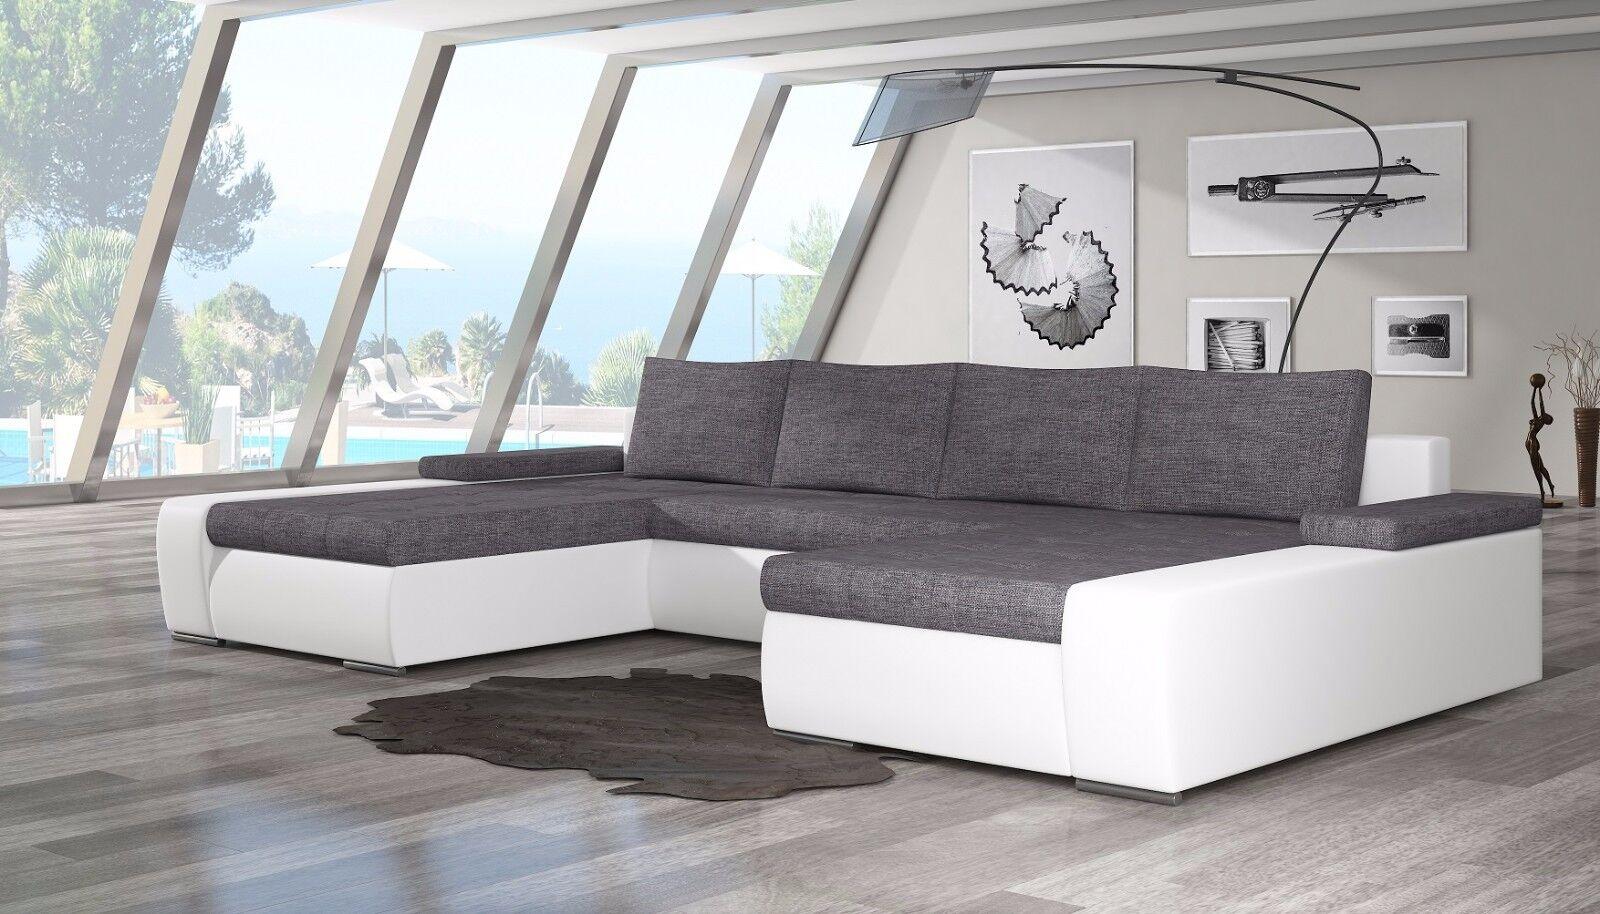 wohnlandschaft couch sofa marion u form polstergarnitur. Black Bedroom Furniture Sets. Home Design Ideas